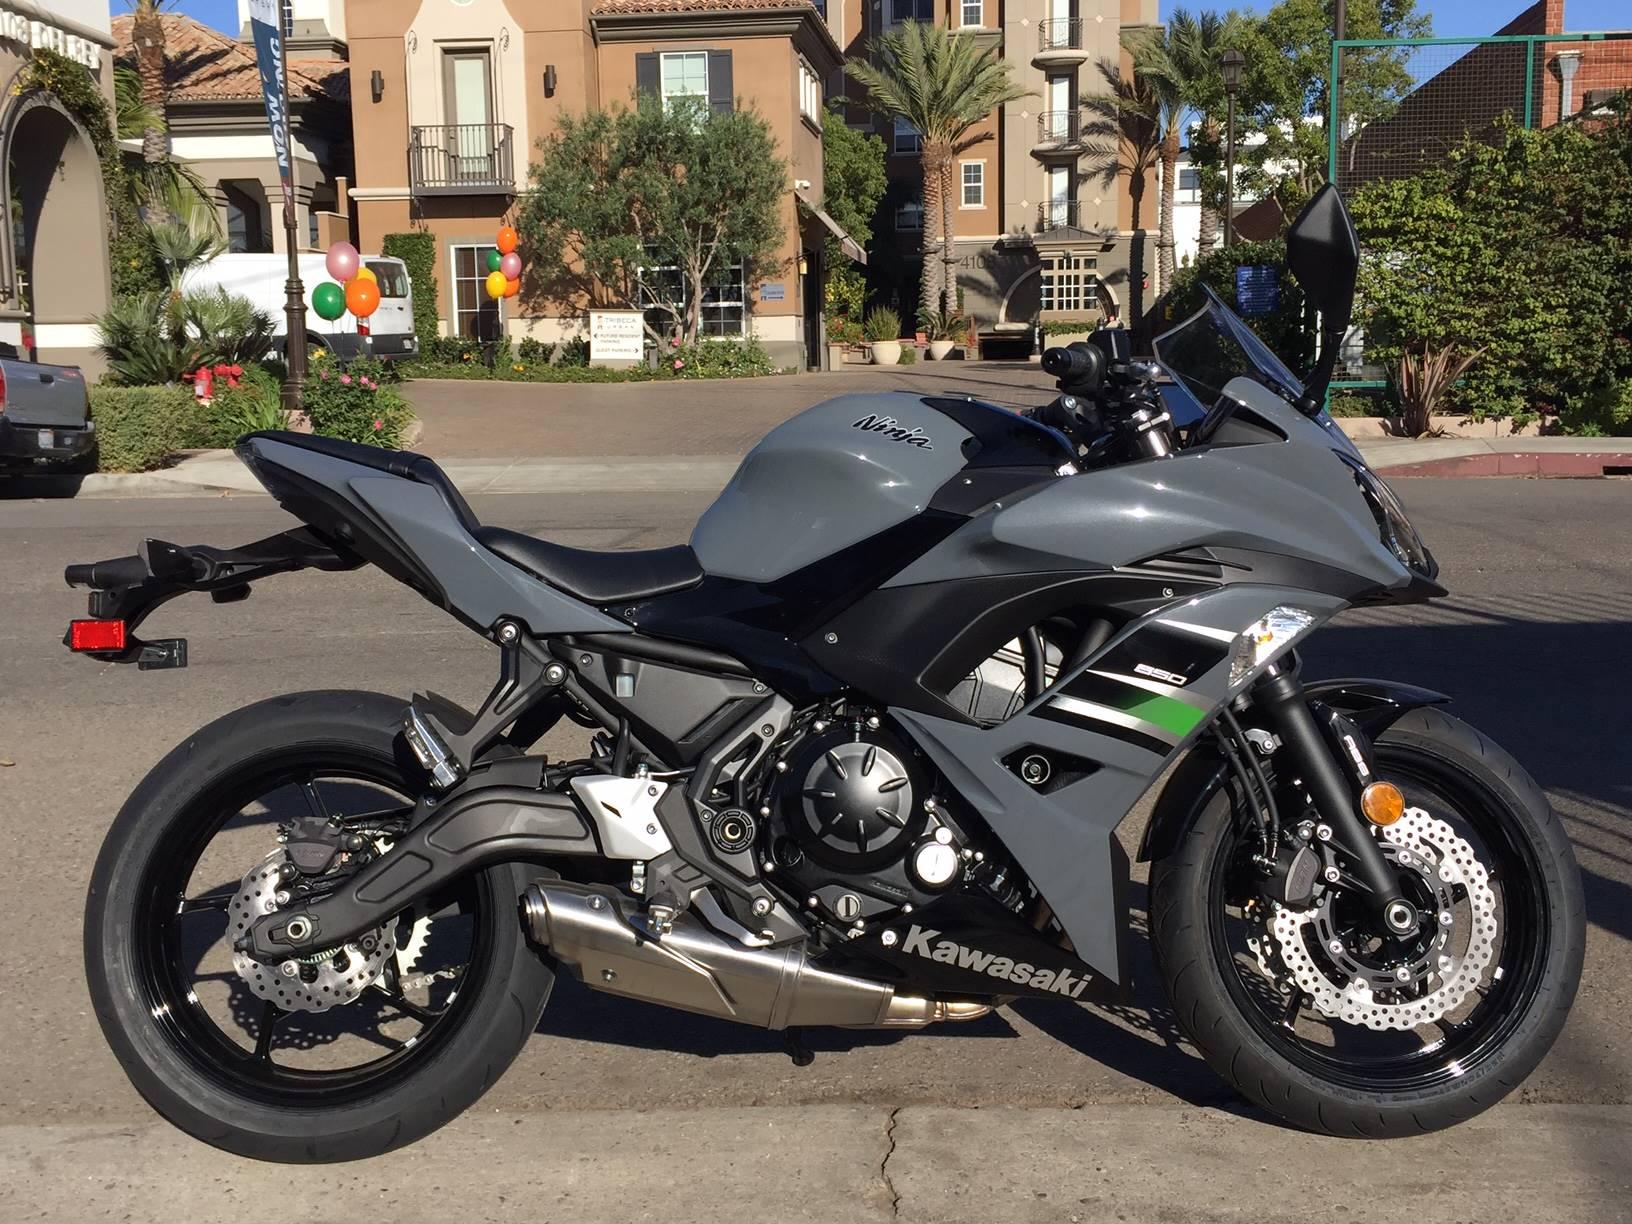 2018 Kawasaki Ninja 650 ABS In Marina Del Rey California